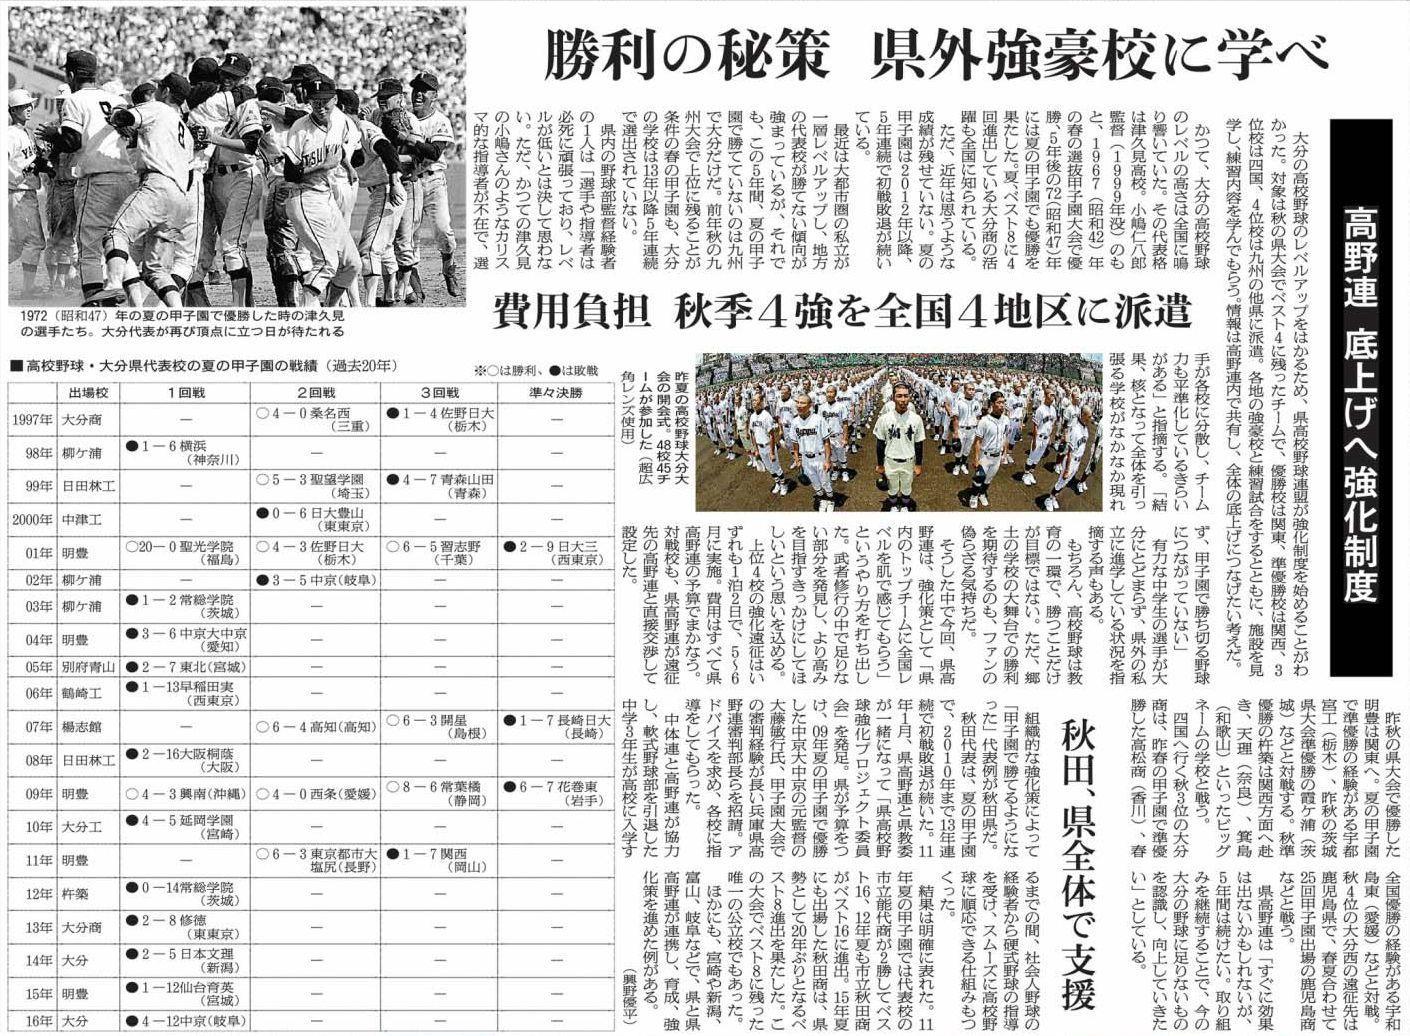 野球 高校 連盟 県 秋田